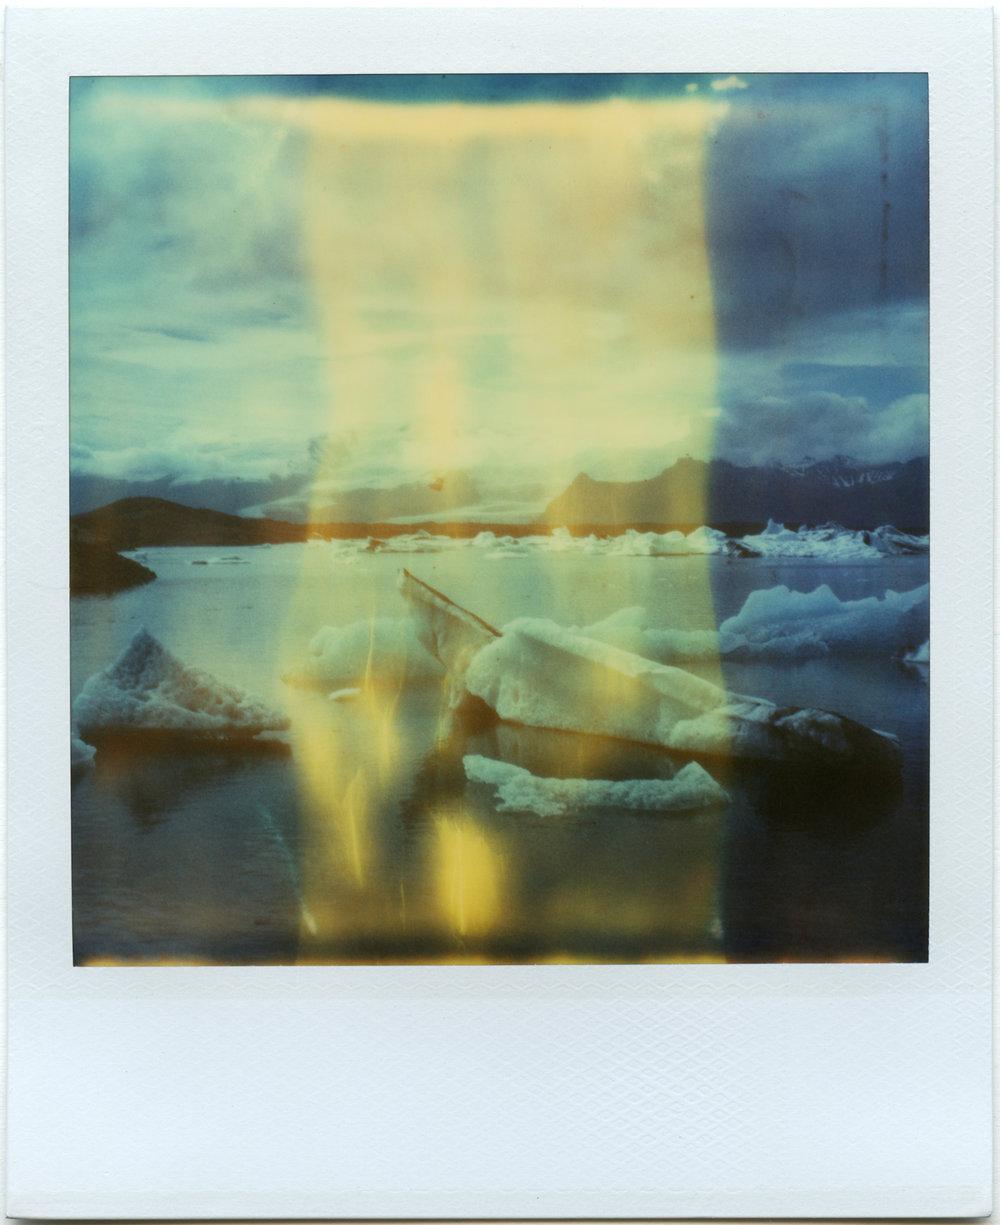 """""""The Glassmaker"""" - Expired Polaroid Time Zero Film - 2018"""